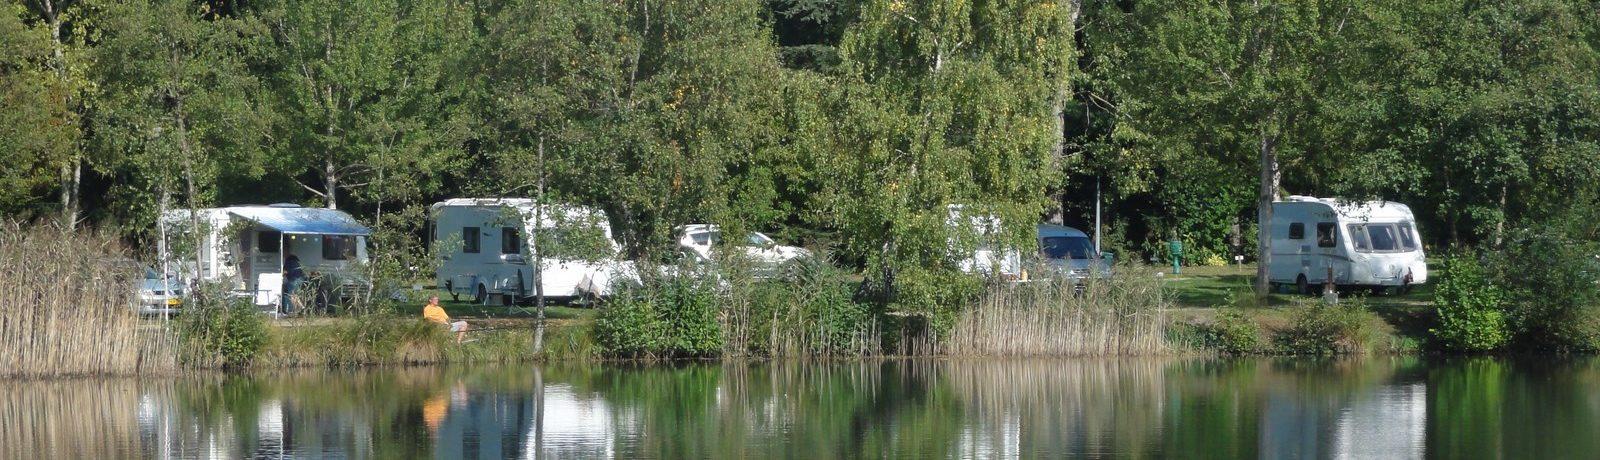 Prachtig gelegen natuurcamping in Frankrijk op slechts 1,5 uur van Parijs. Ideaal voor een tussenstop, natuurliefhebbers en rustzoekers.